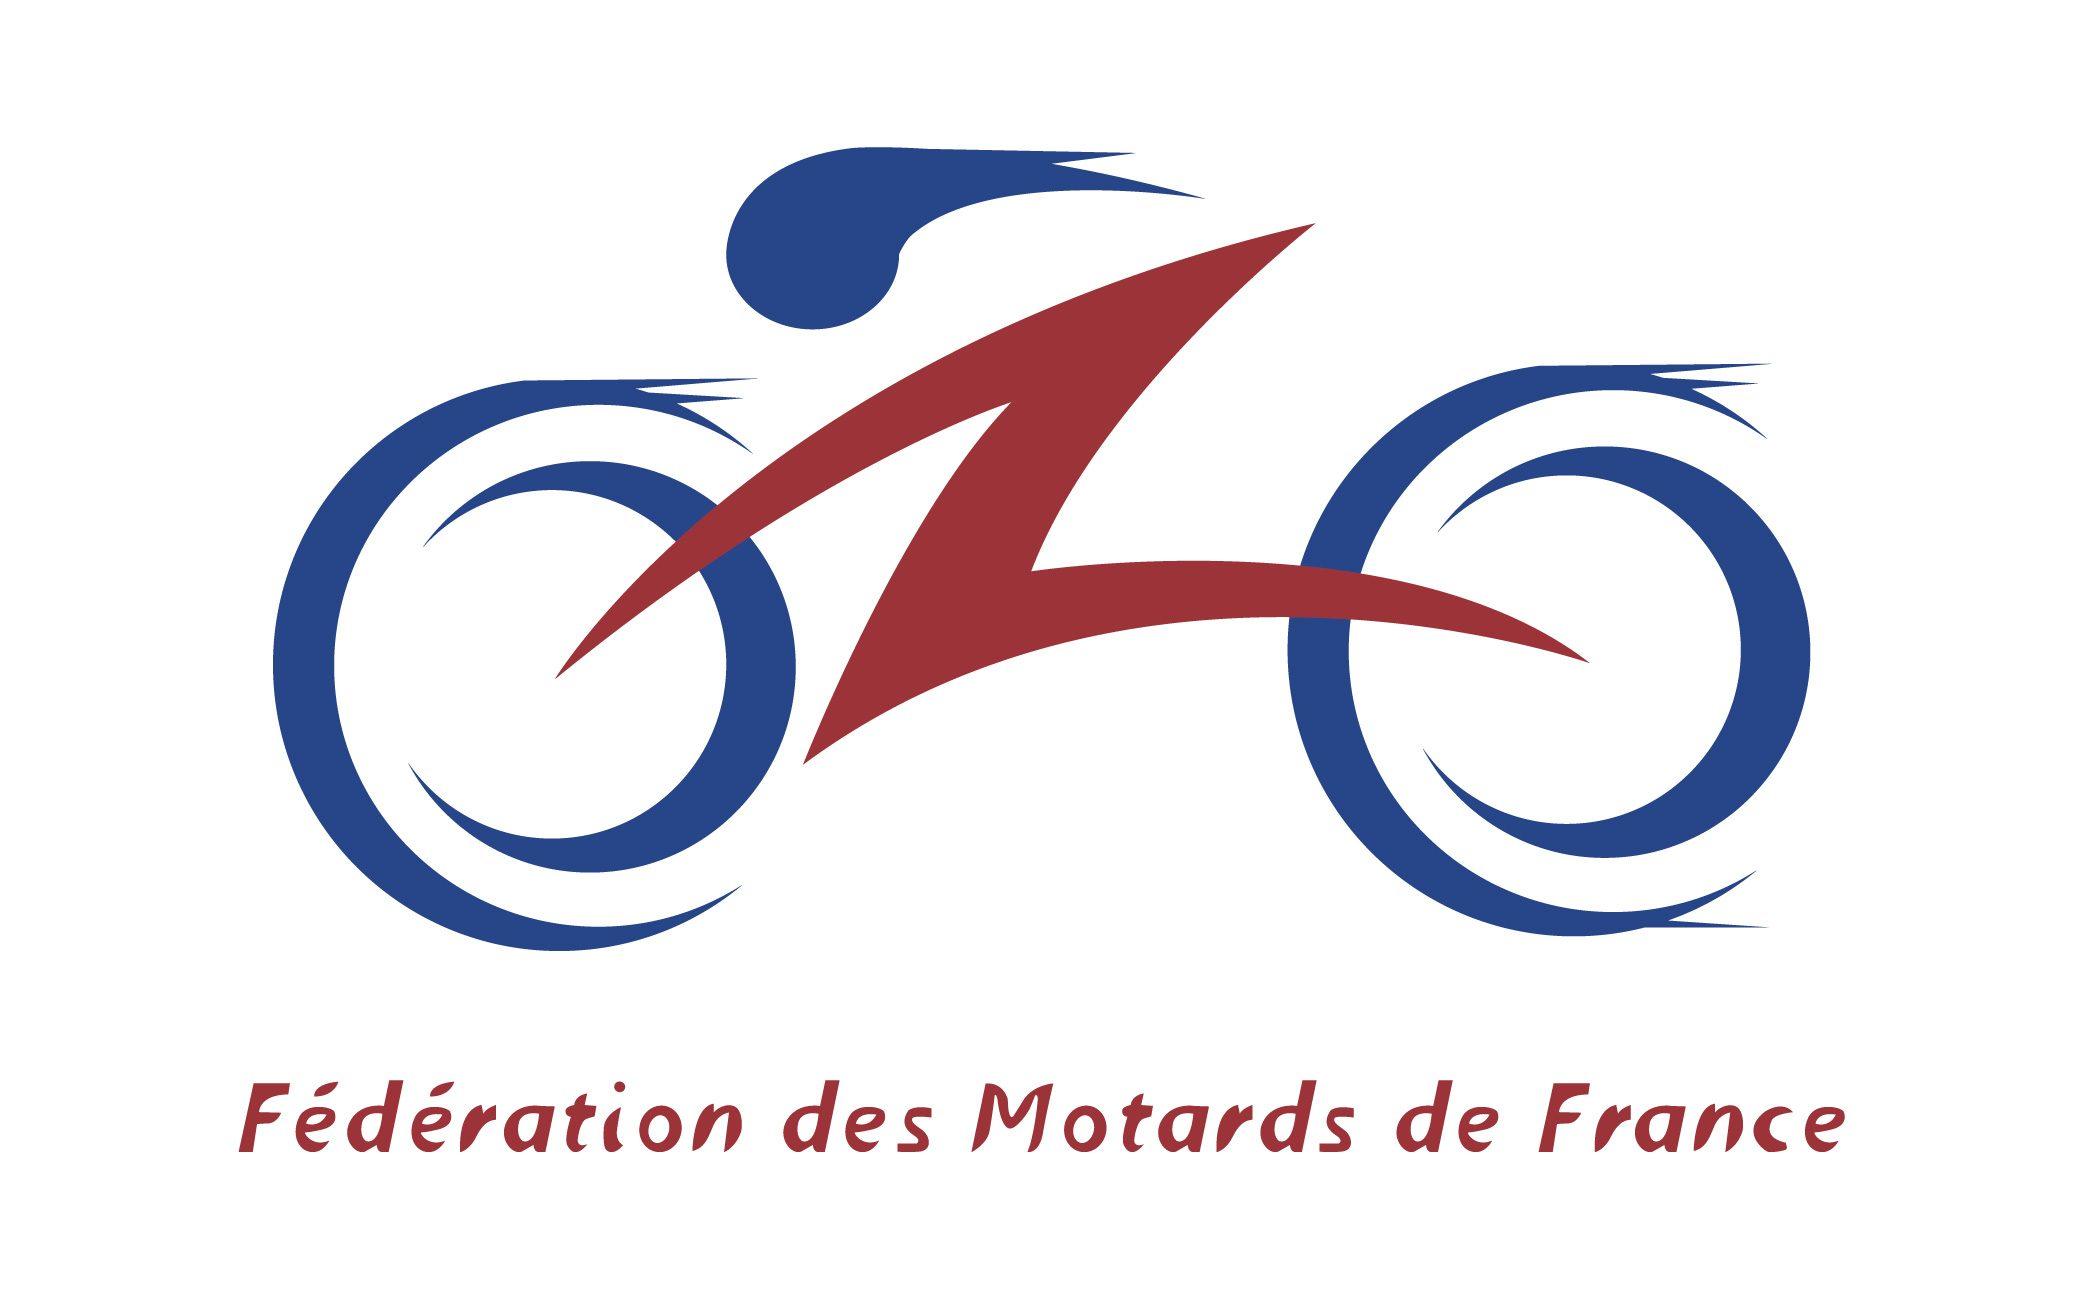 Bienvenue sur le site de la Fédération des Motards de France